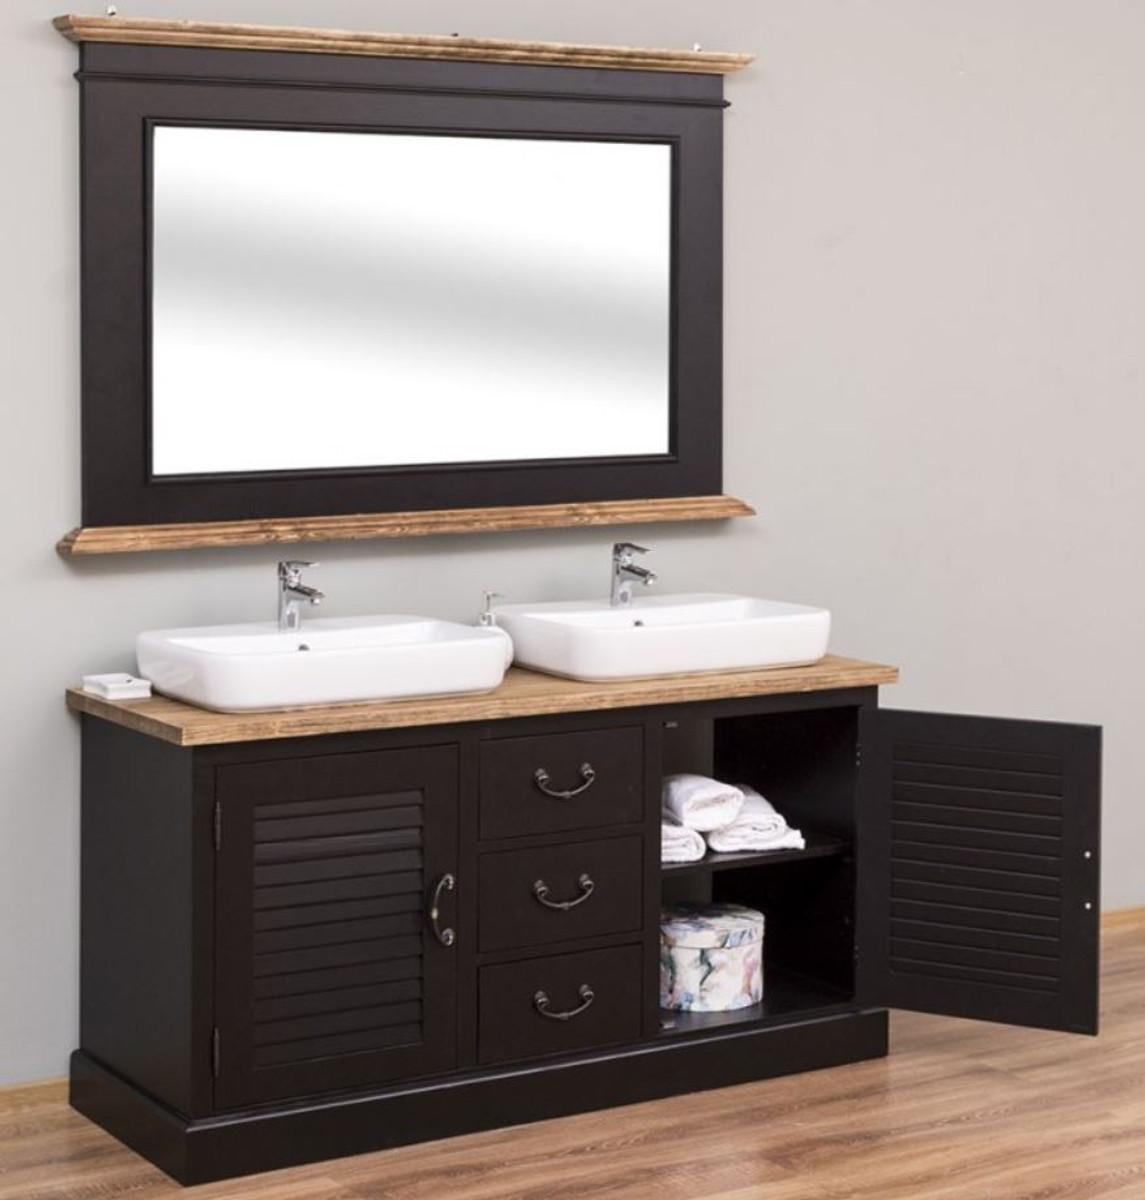 Casa Padrino Conjunto de Baño de Estilo Campestre Negro / Natural - 199  Gabinete del Fregadero Doble y 199 Espejo de Pared - Muebles de Baño Estilo